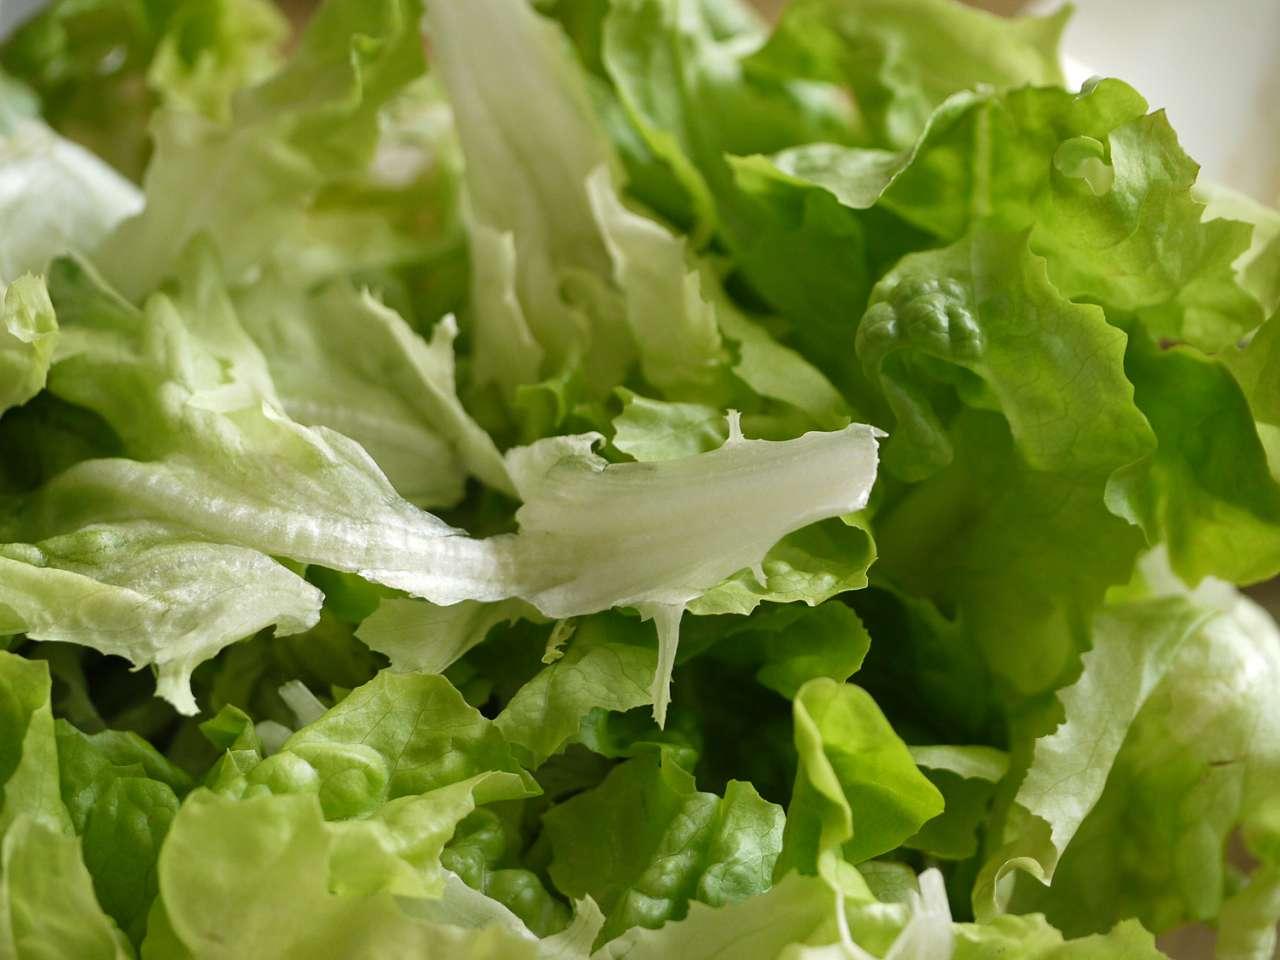 Far mangiare più verdura ai bambini? Proviamo così!